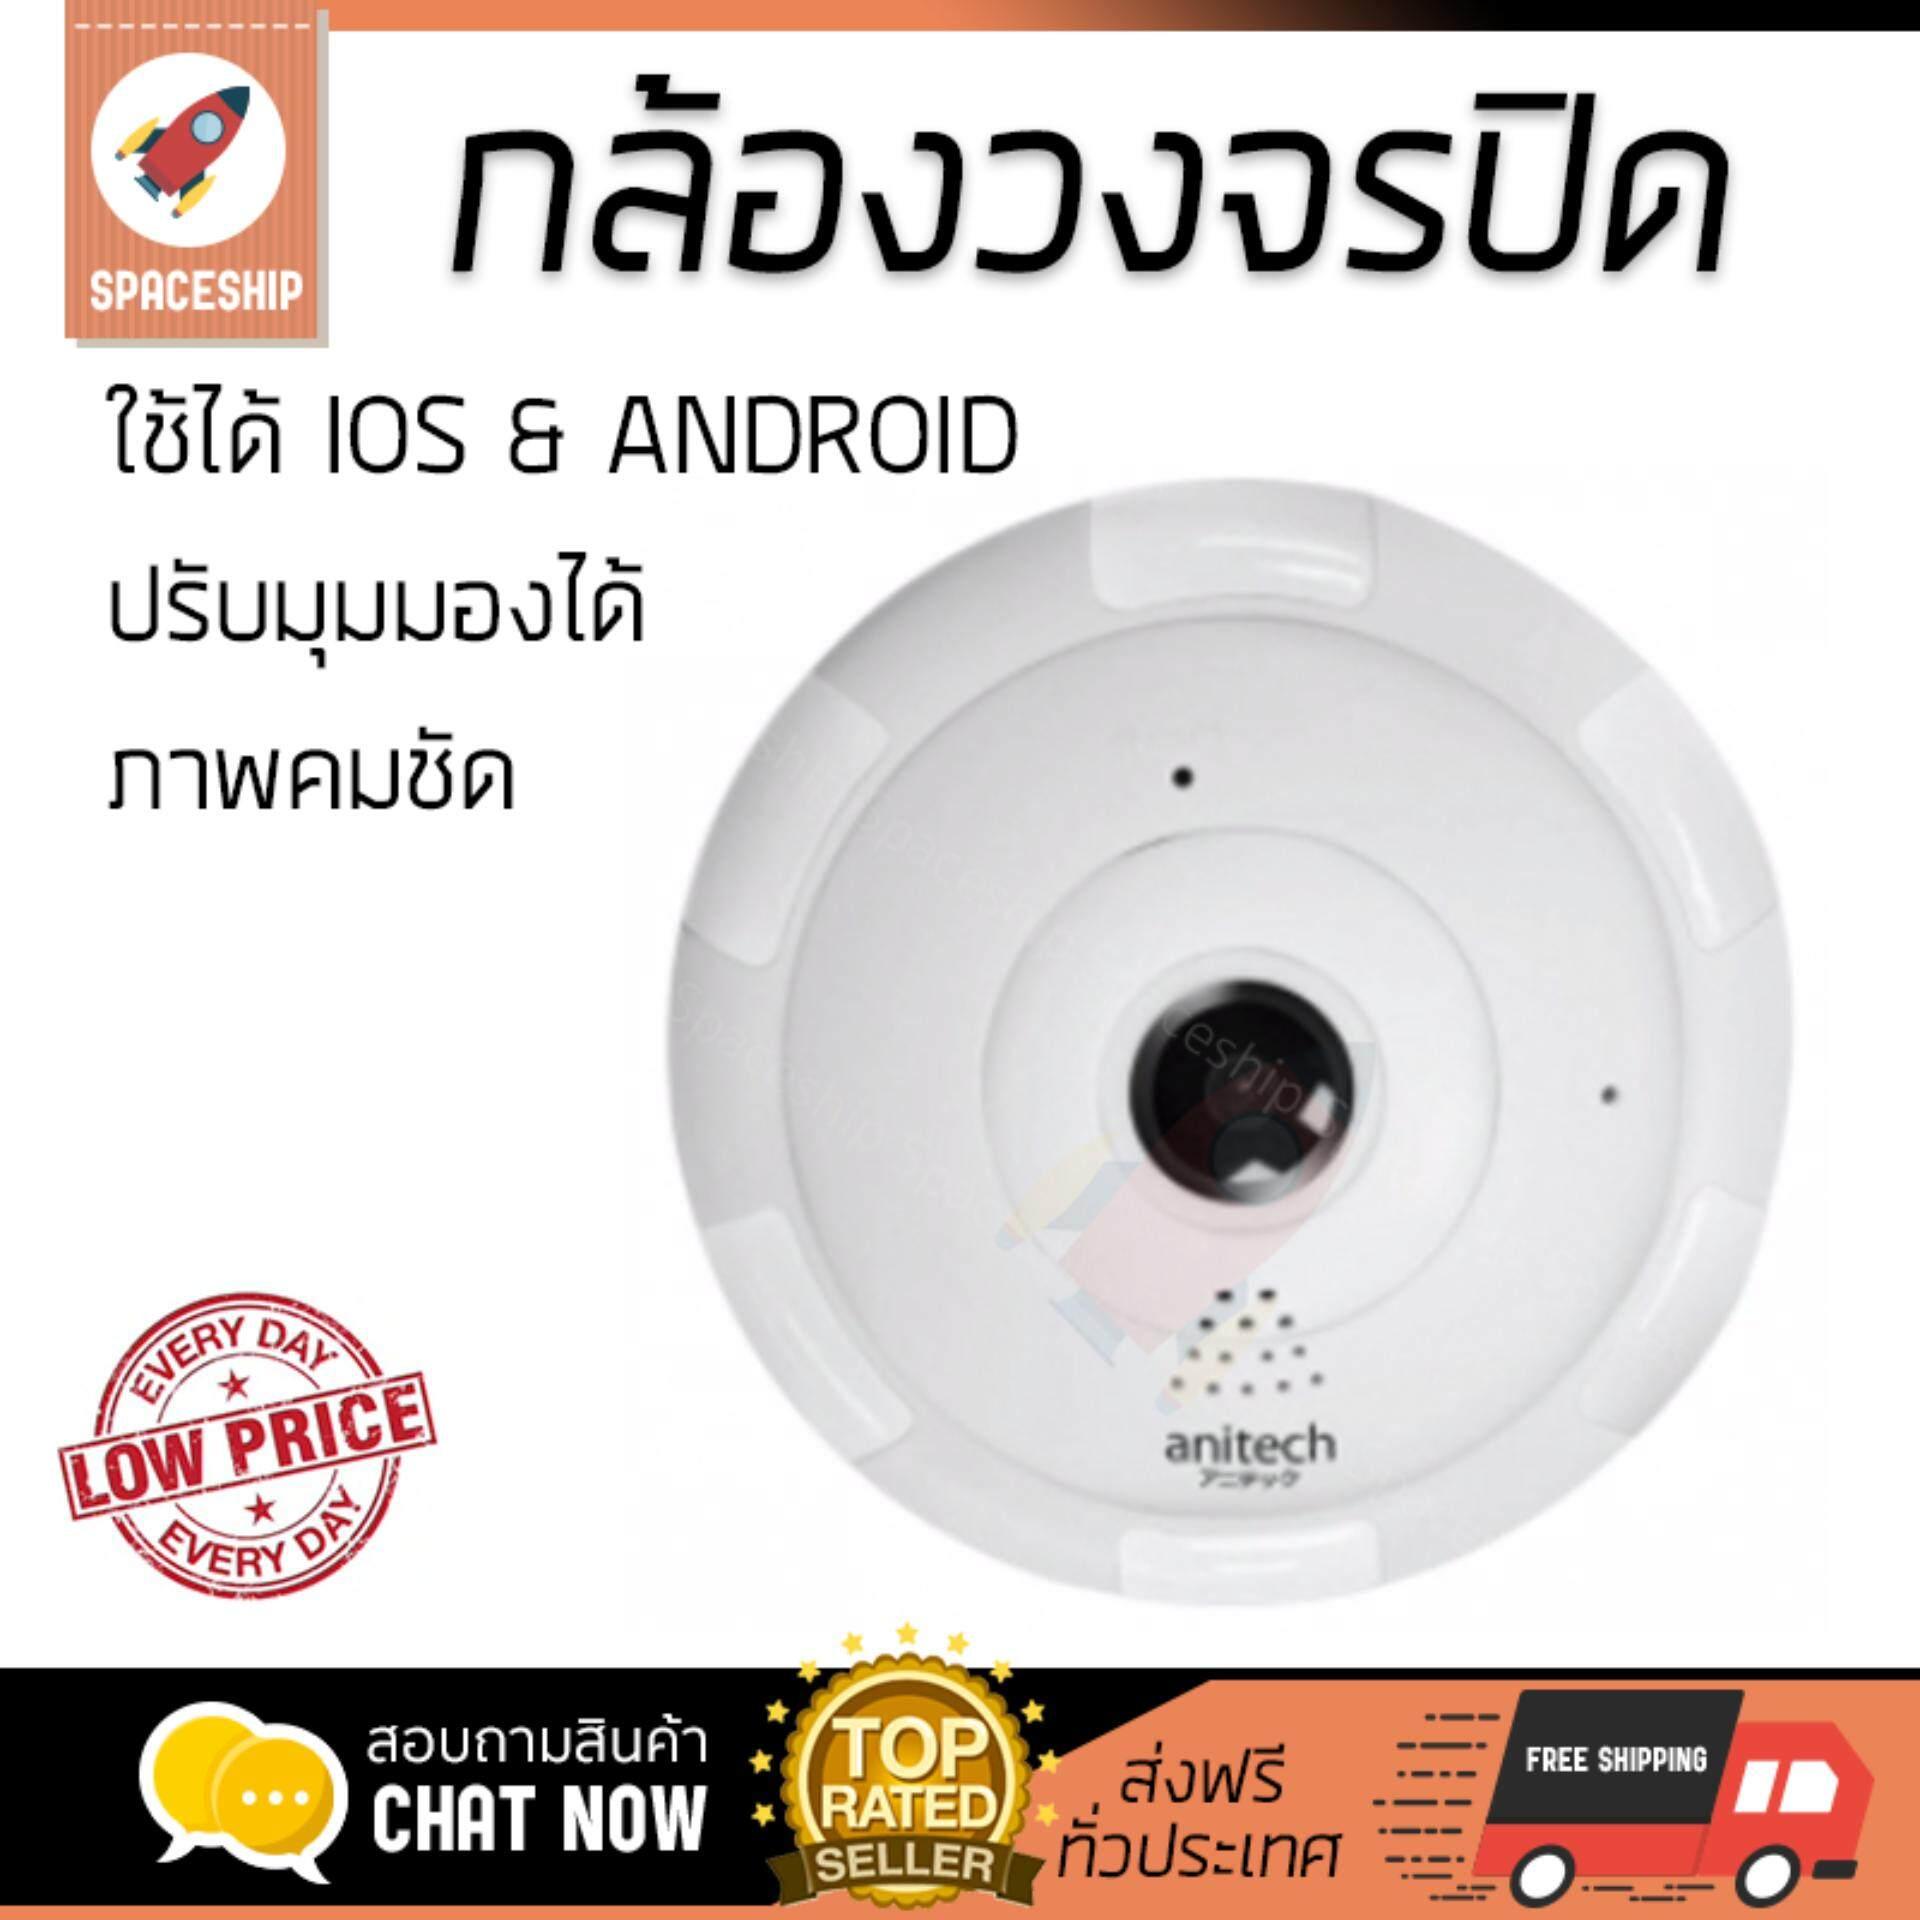 โปรโมชัน กล้องวงจรปิด           ANITECH กล้องวงจรปิด (สีขาว) รุ่น IP103             ภาพคมชัด ปรับมุมมองได้ กล้อง IP Camera รับประกันสินค้า 1 ปี จัดส่งฟรี Kerry ทั่วประเทศ